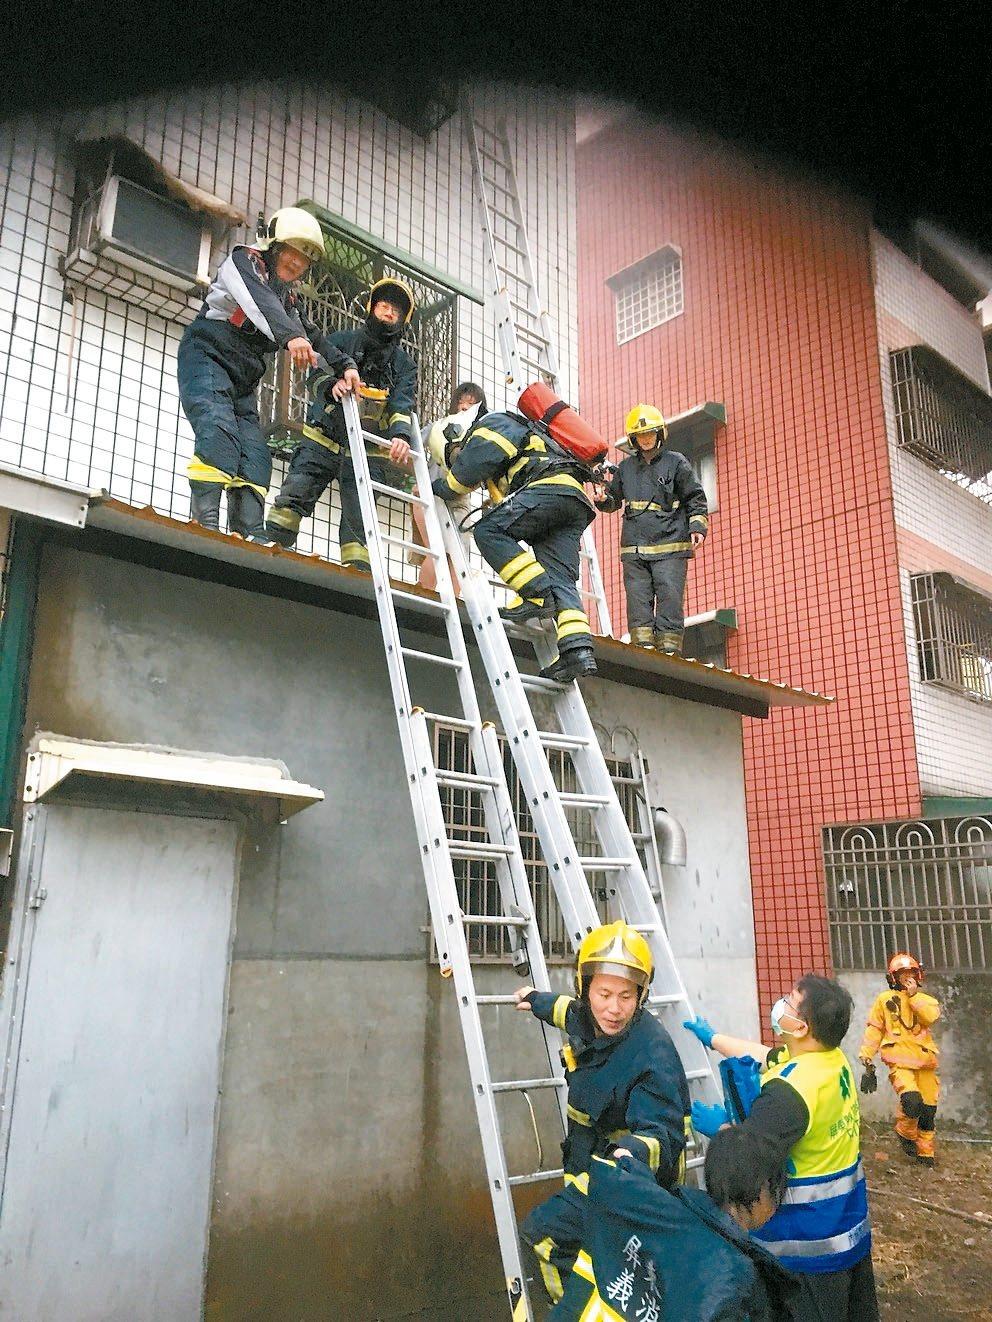 屏東內埔鄉一幢透天厝昨天清晨火警,消防隊員從三樓後方破窗救出兩名女童。 記者翁禎...